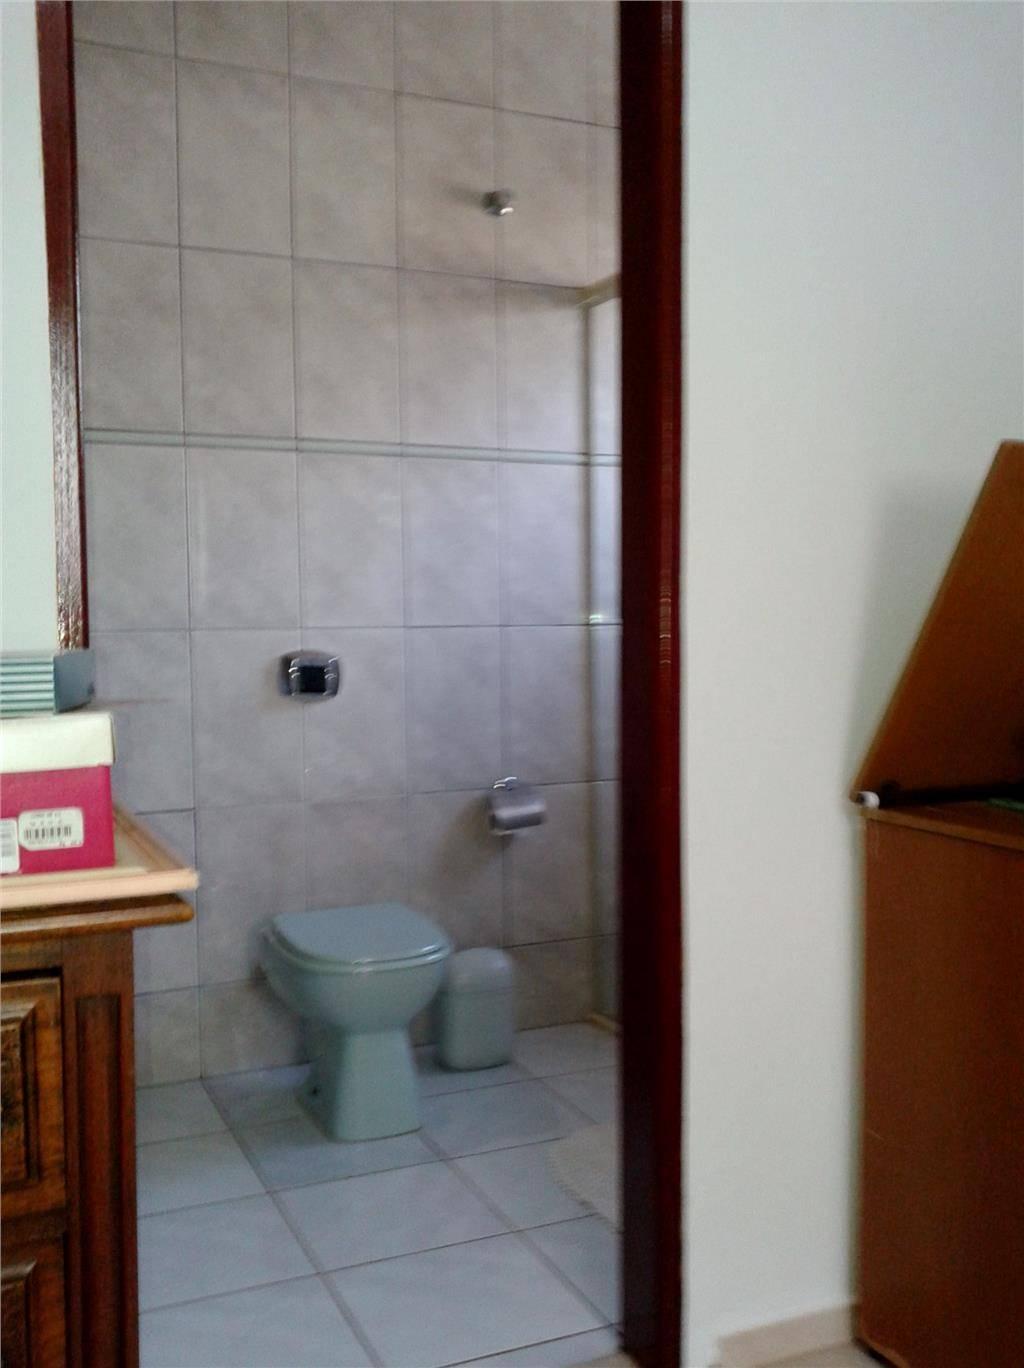 Chácara 3 Dorm, Loteamento Chácaras Vale das Garças, Campinas - Foto 13